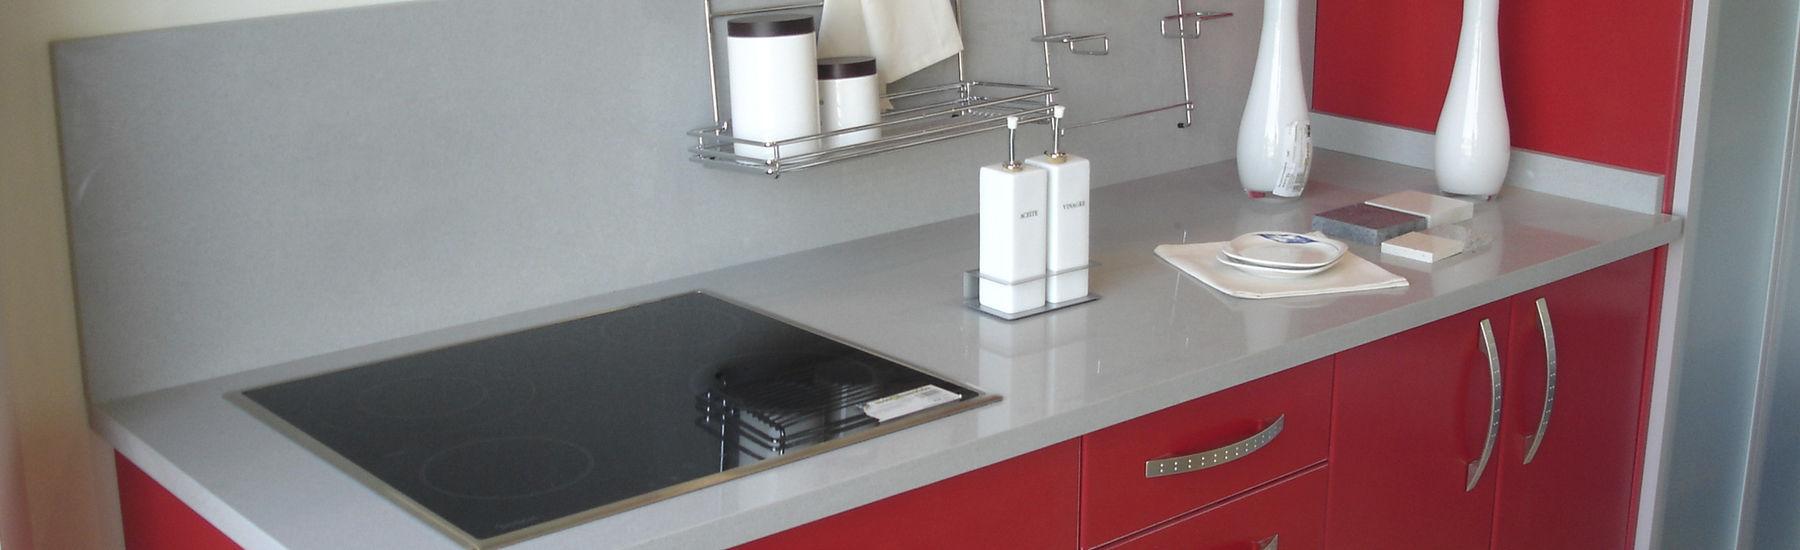 Quartz composite countertop / kitchen - CENIZA - COMPAC The ...